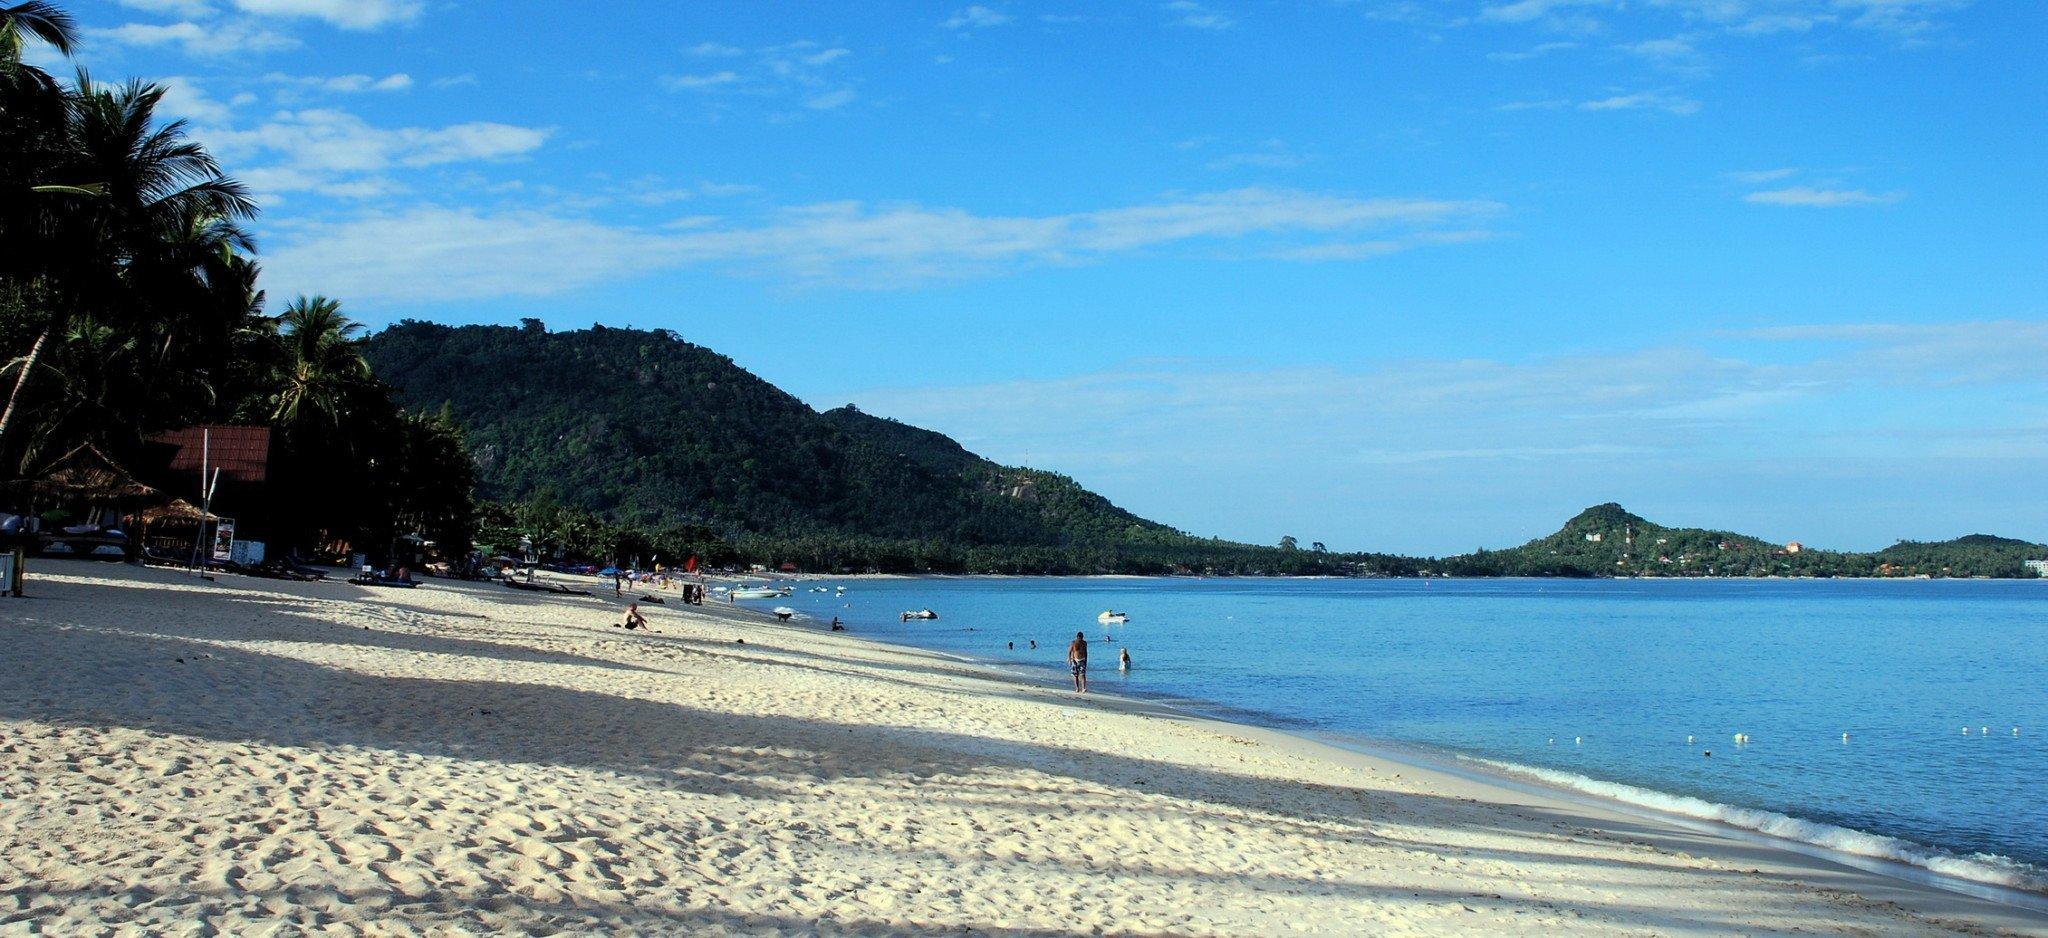 Koh Samui Lamai Beach Hotels